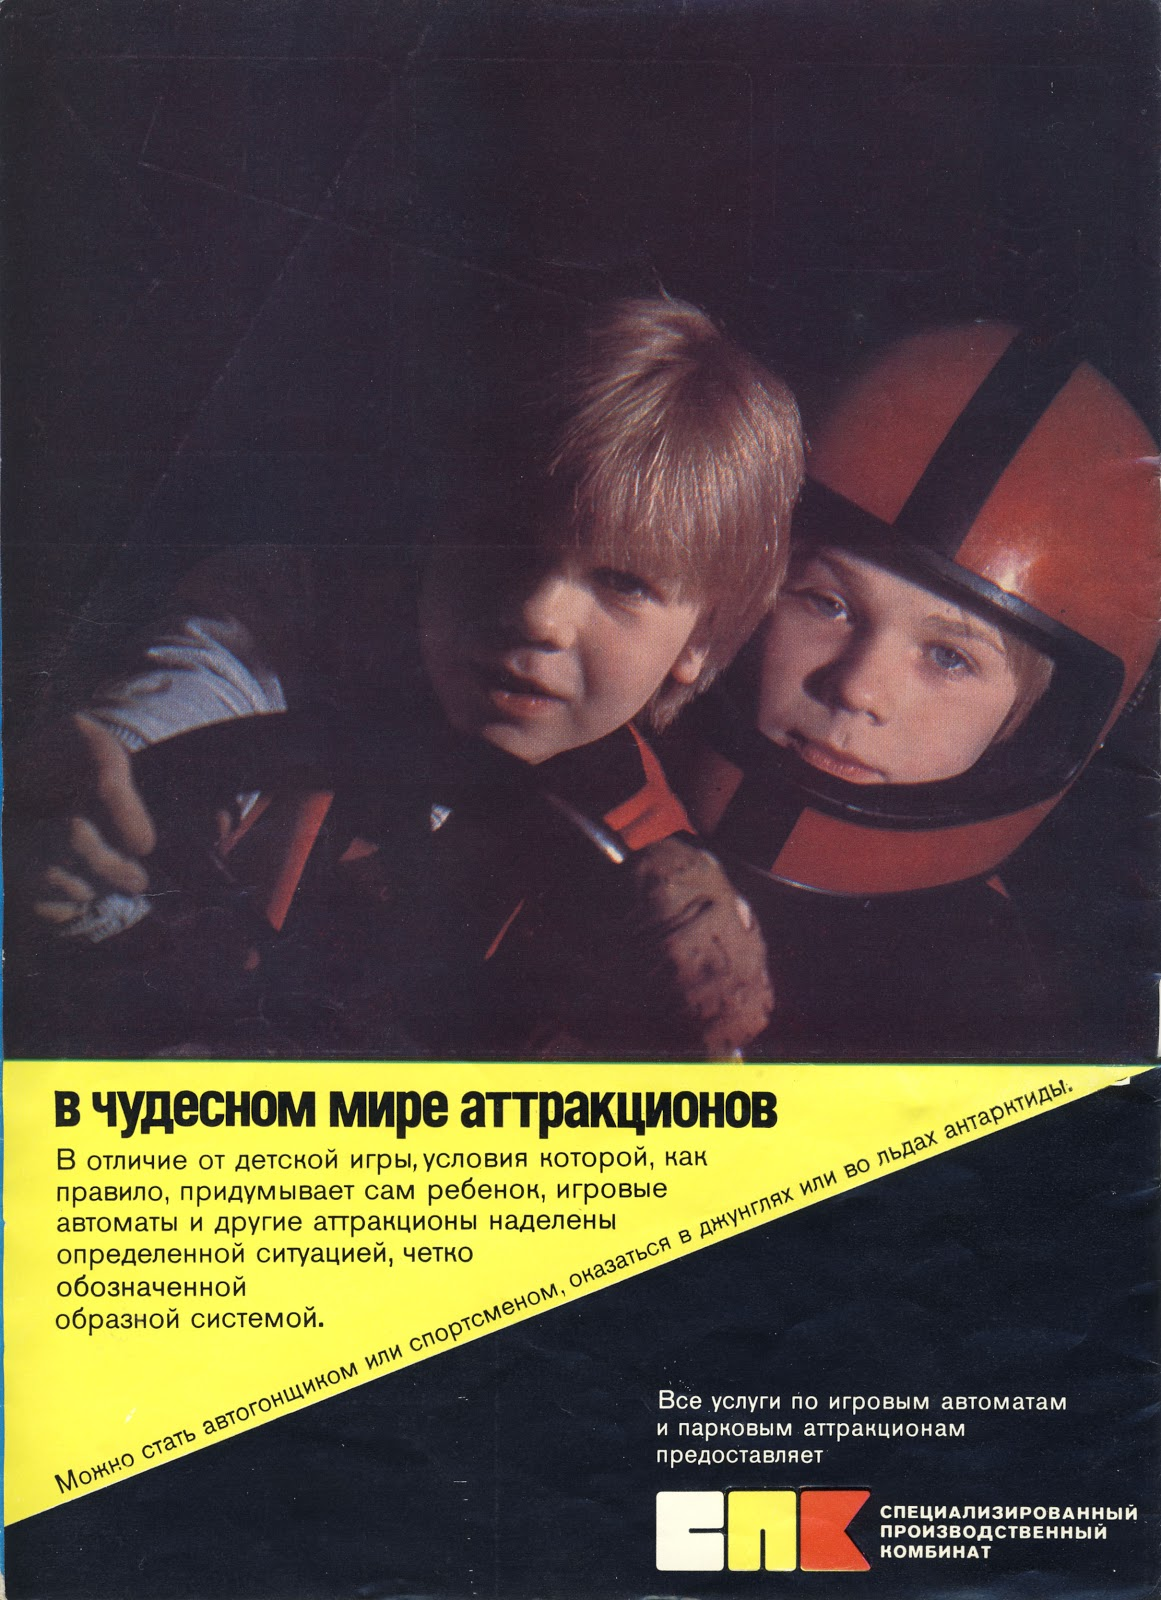 Искусство воспитания: идеология игровых автоматов - 4